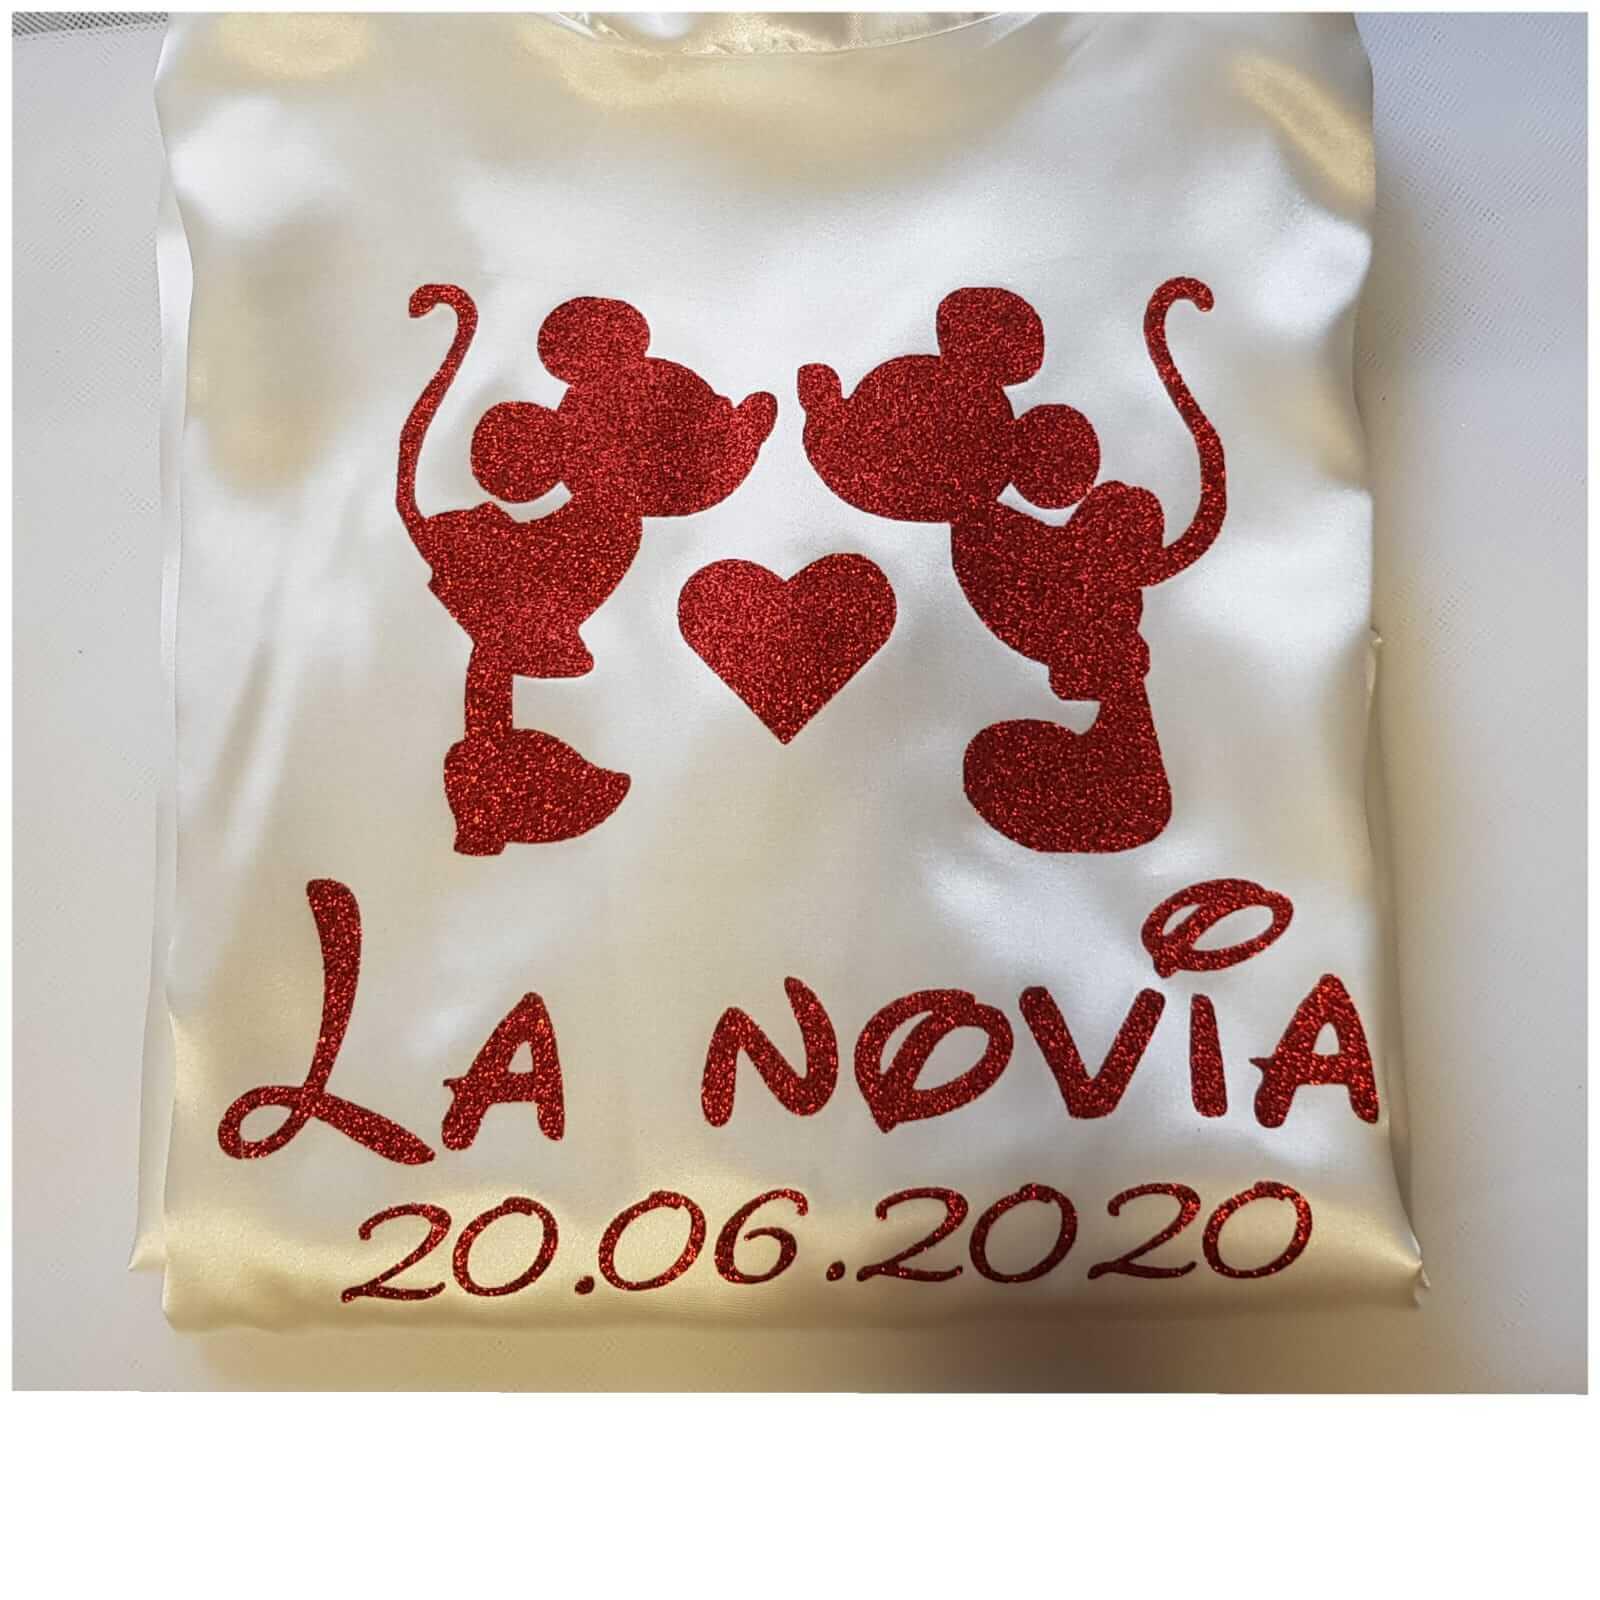 bata personalizada batas de novia - Batas de novia Batas Personalizadas 13 - Batas de novia | Bata personalizada